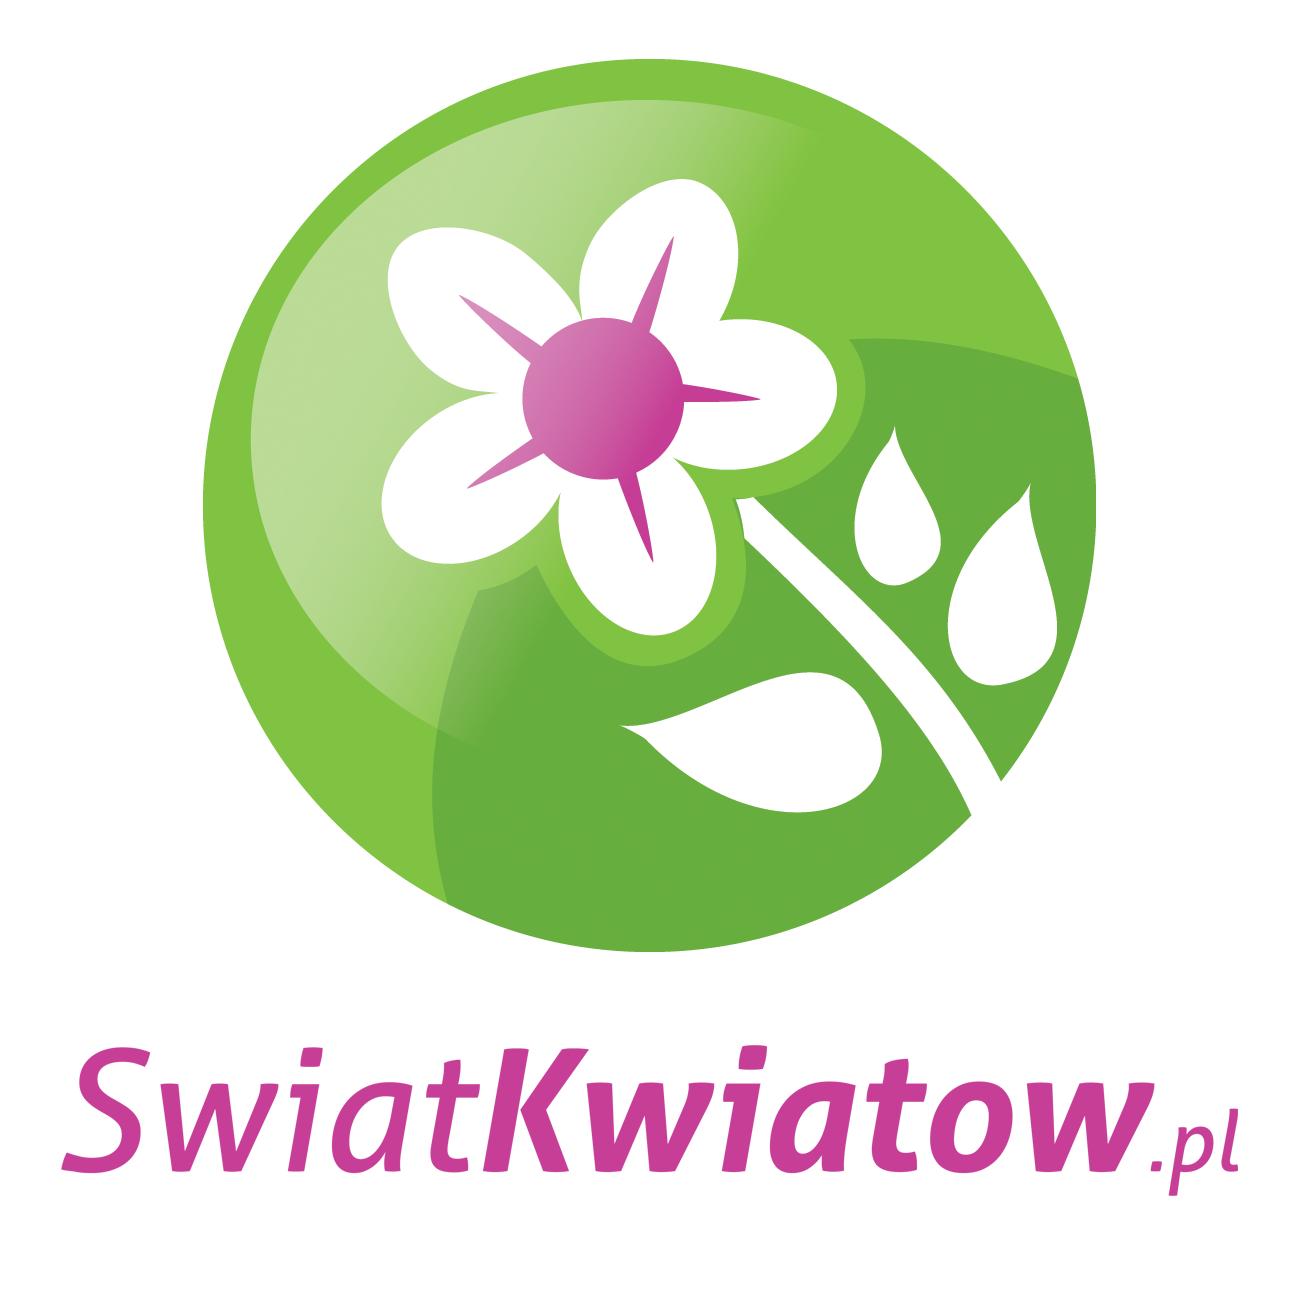 Swiatkwiatow.pl